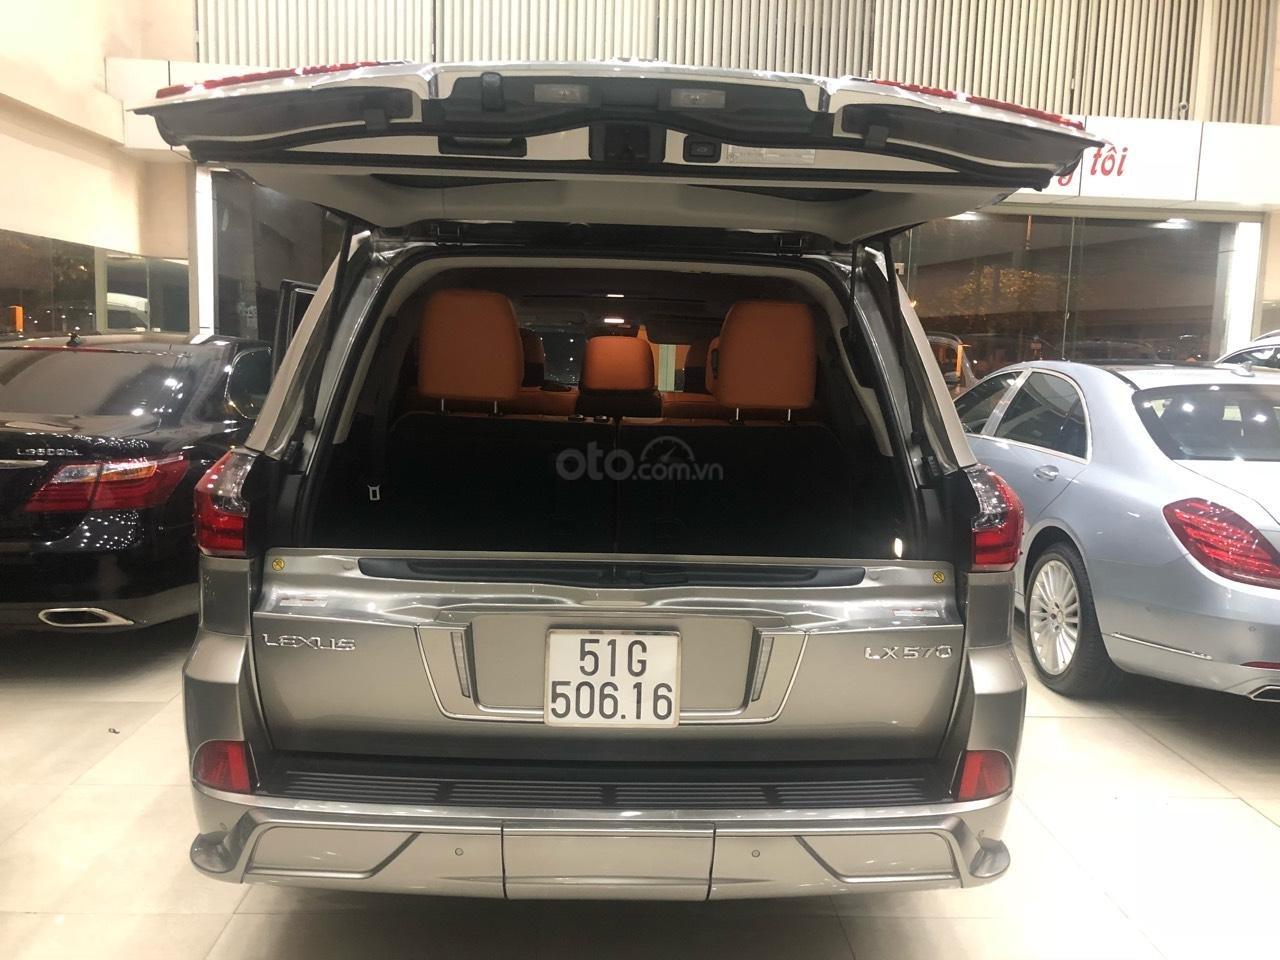 Bán Lexus LX570 đời 2018, màu bạc, nhập khẩu (11)